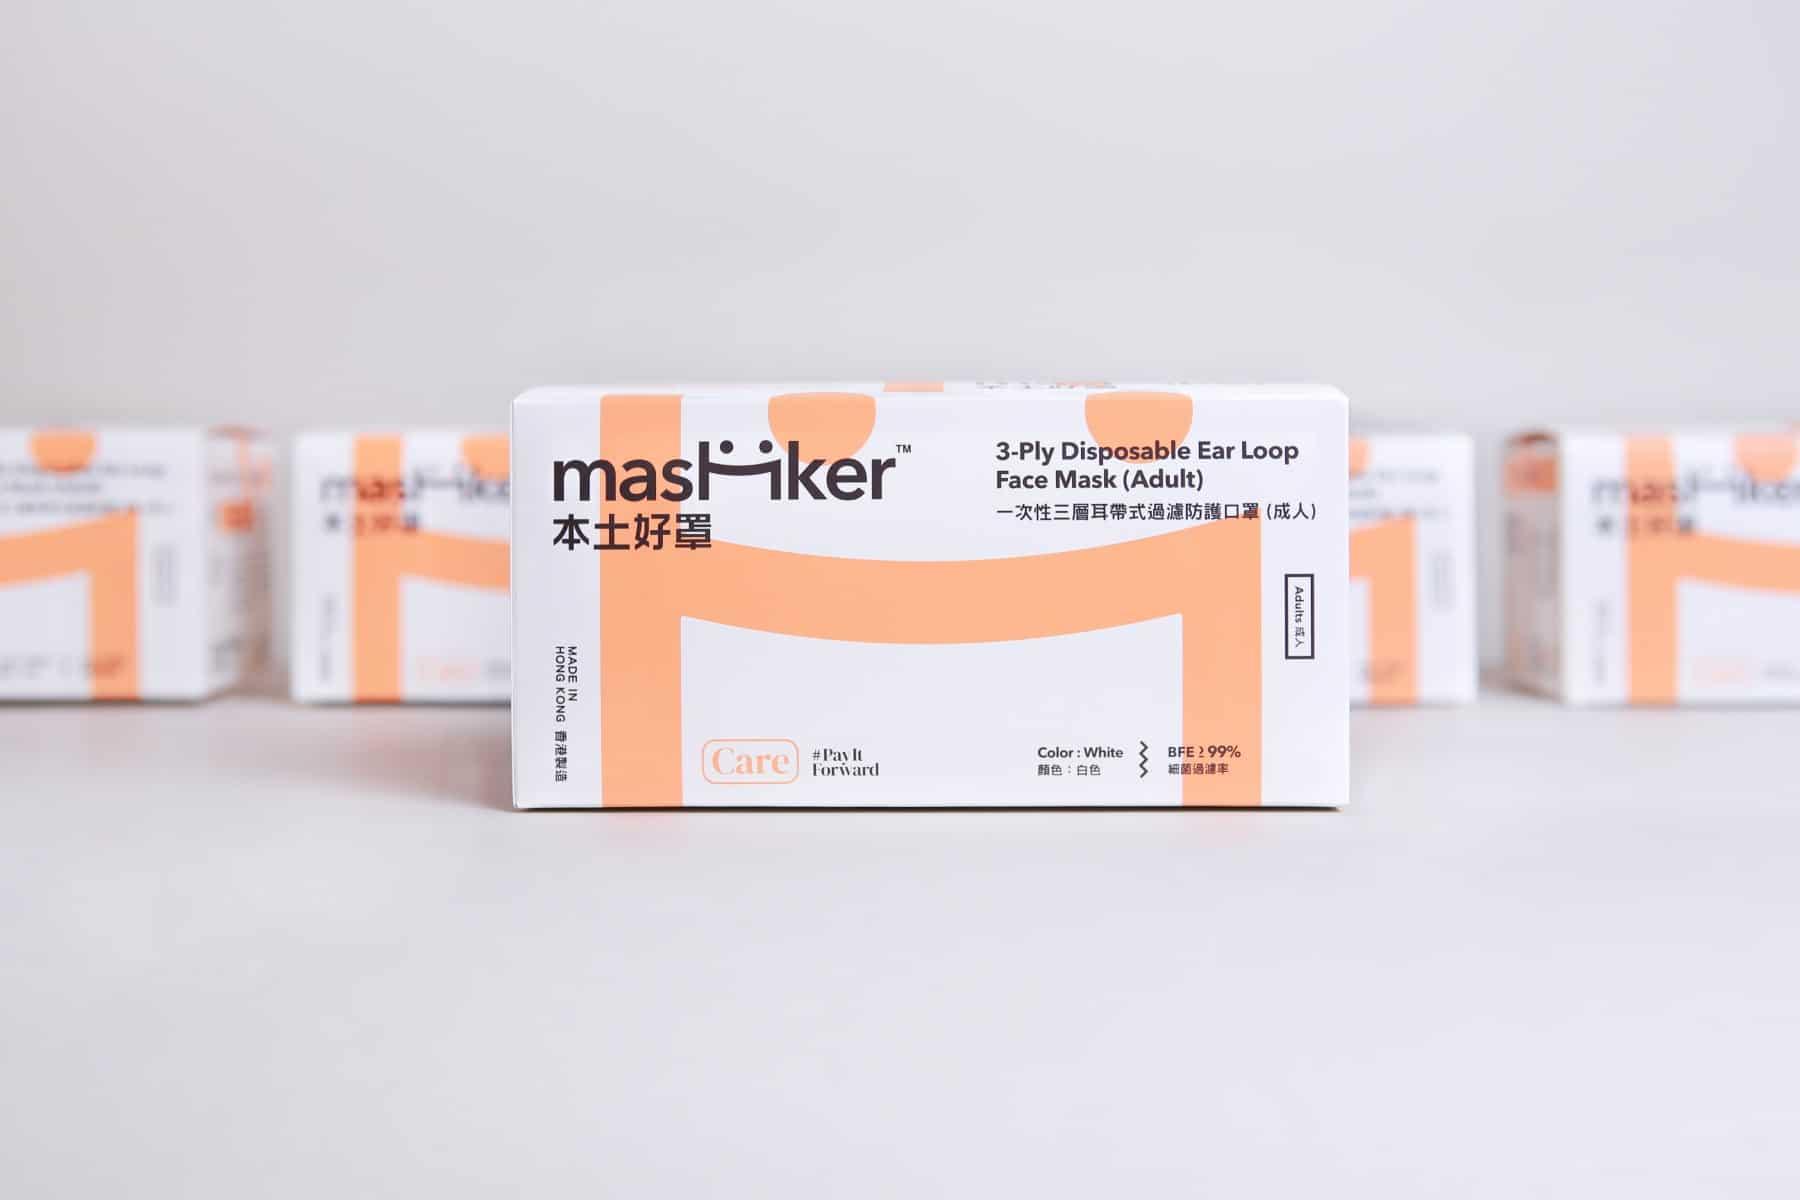 MasHker 本土好罩   Branding design